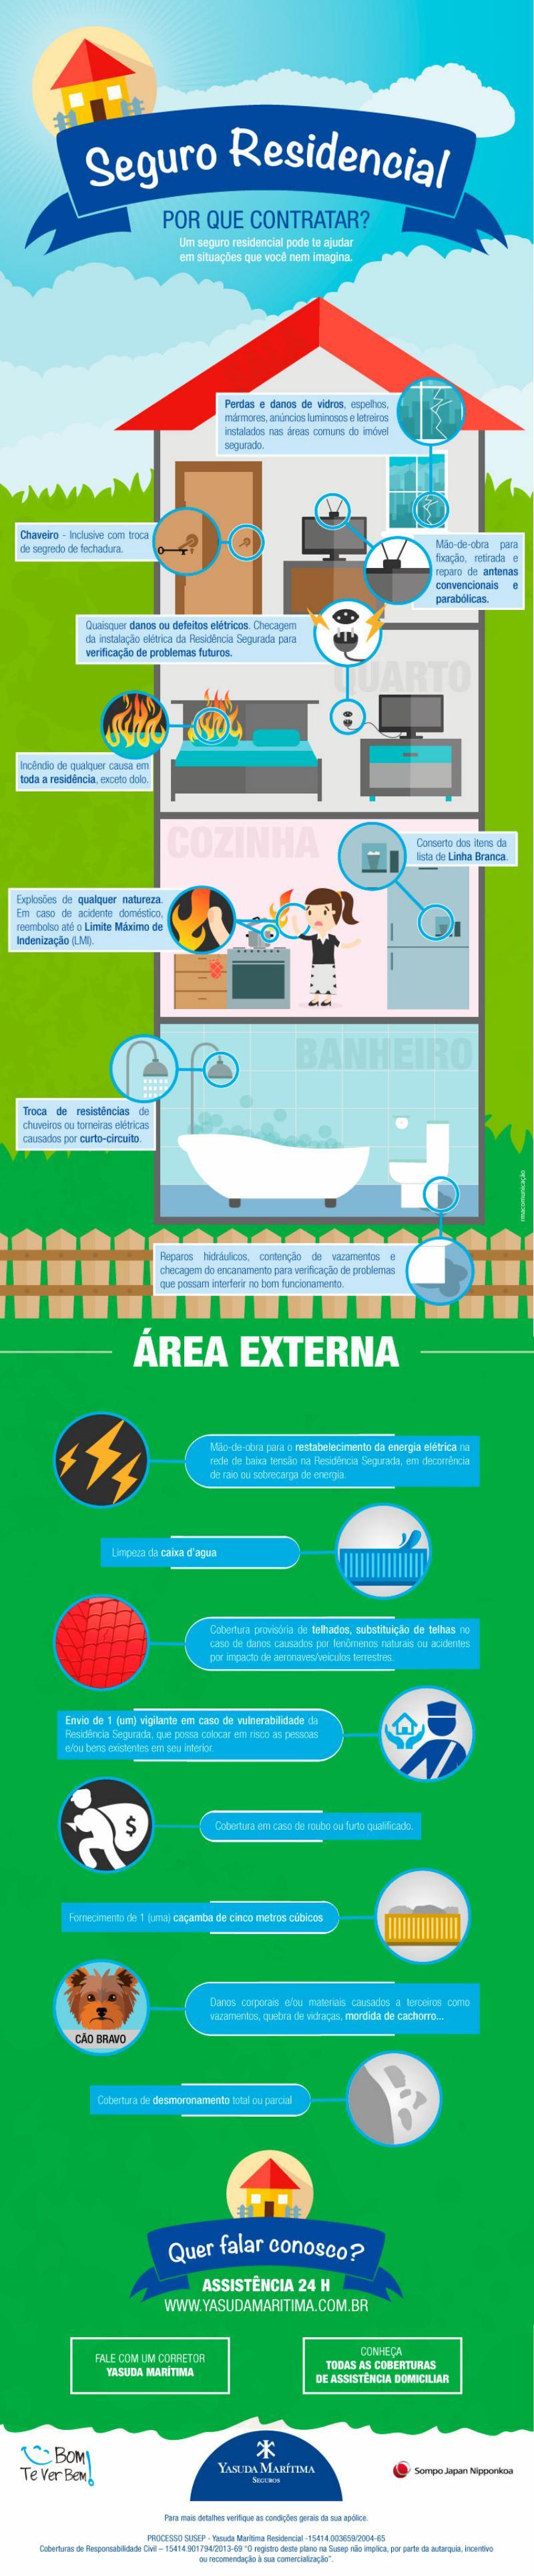 Infografico com motivos para contratar seguro residencial